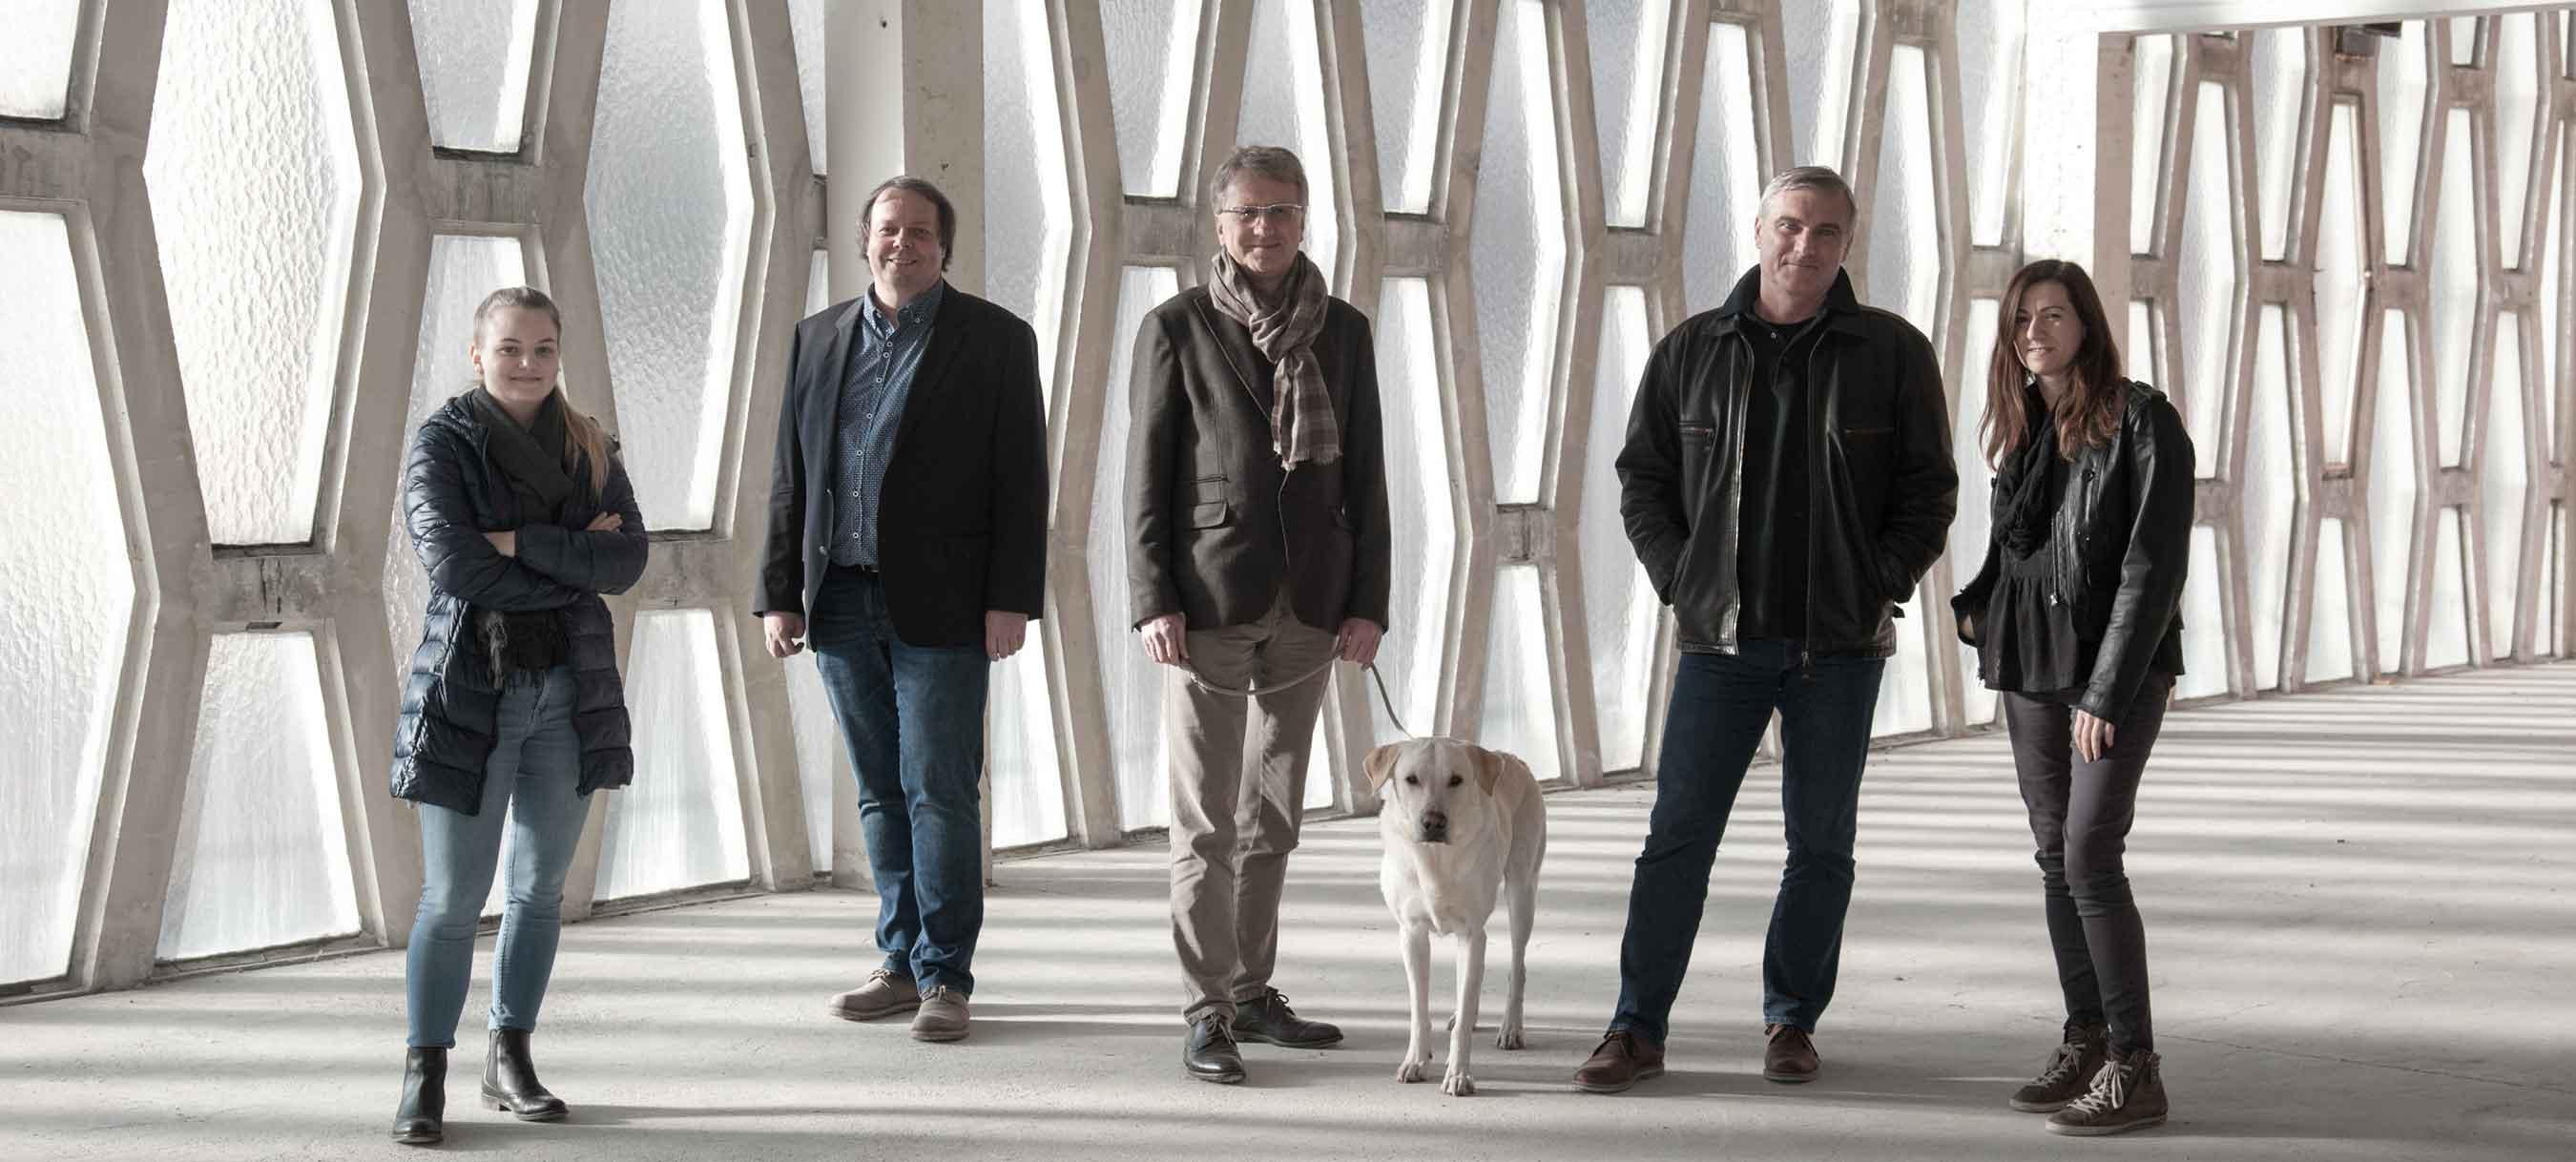 Architekt Pfoser Teamfoto